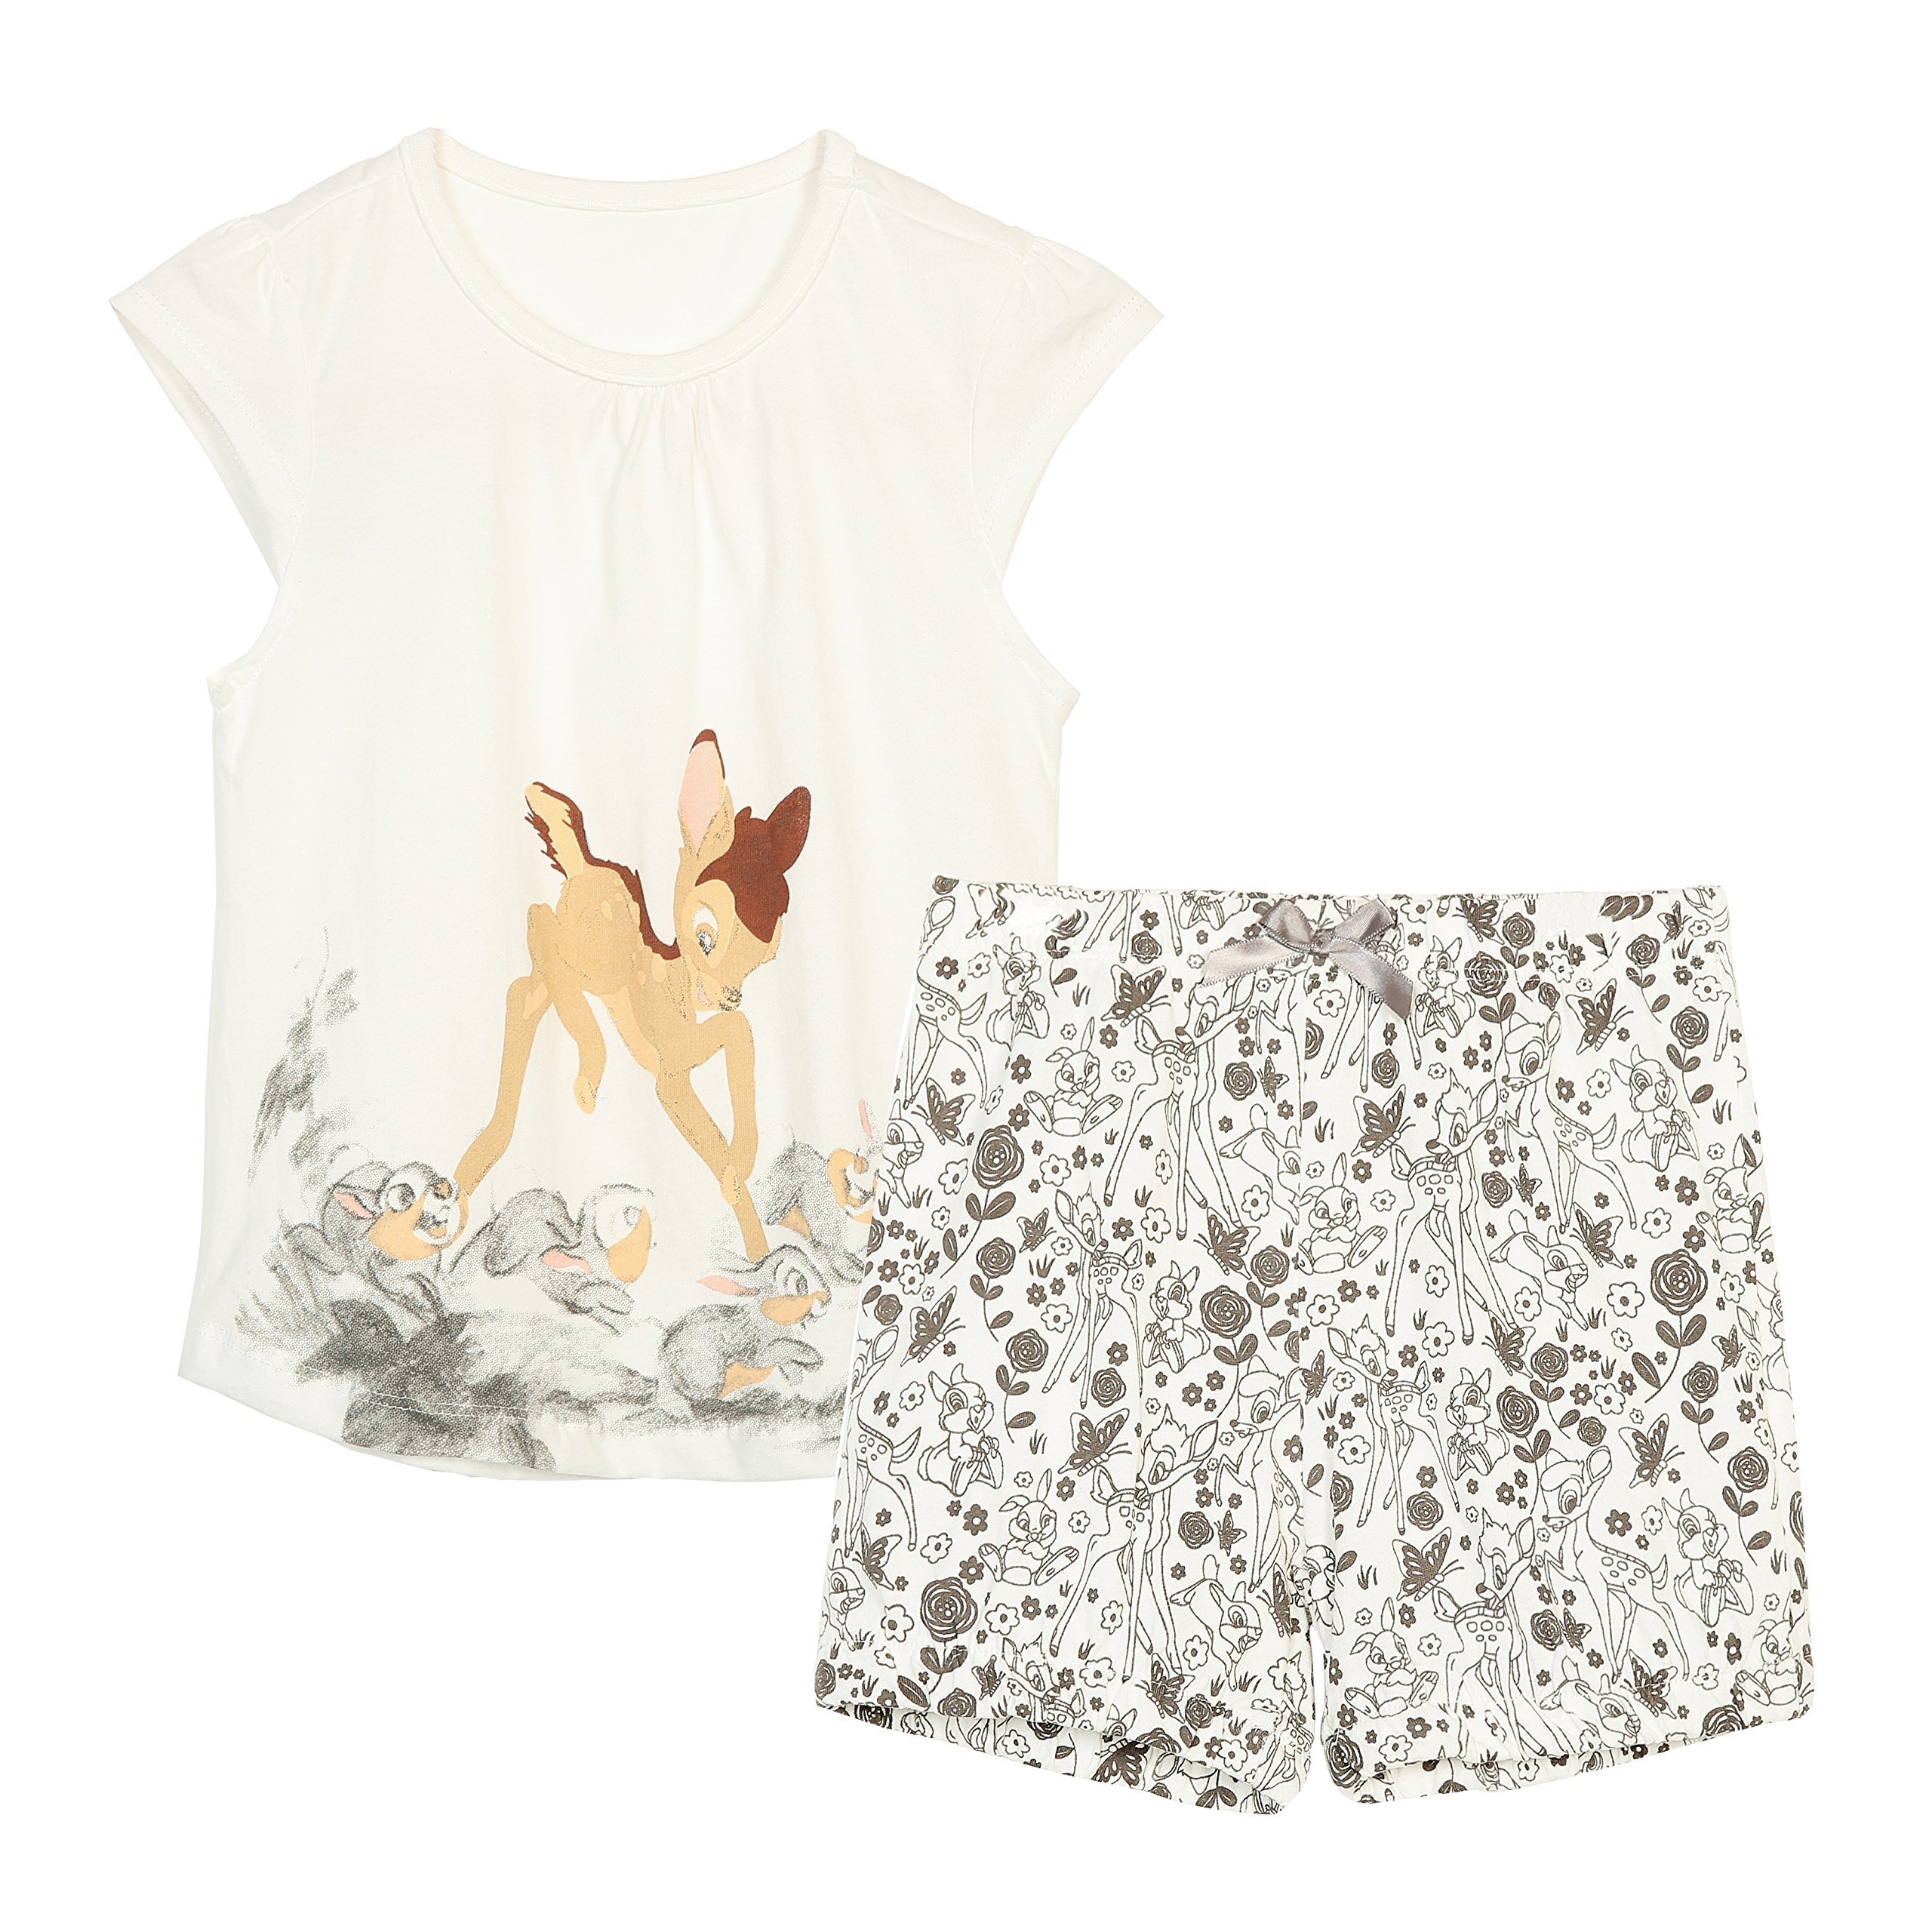 Girls Summer Cotton Short Sets Short Sleeve Cartoon Print T-Shirts + Shorts Beige 4T